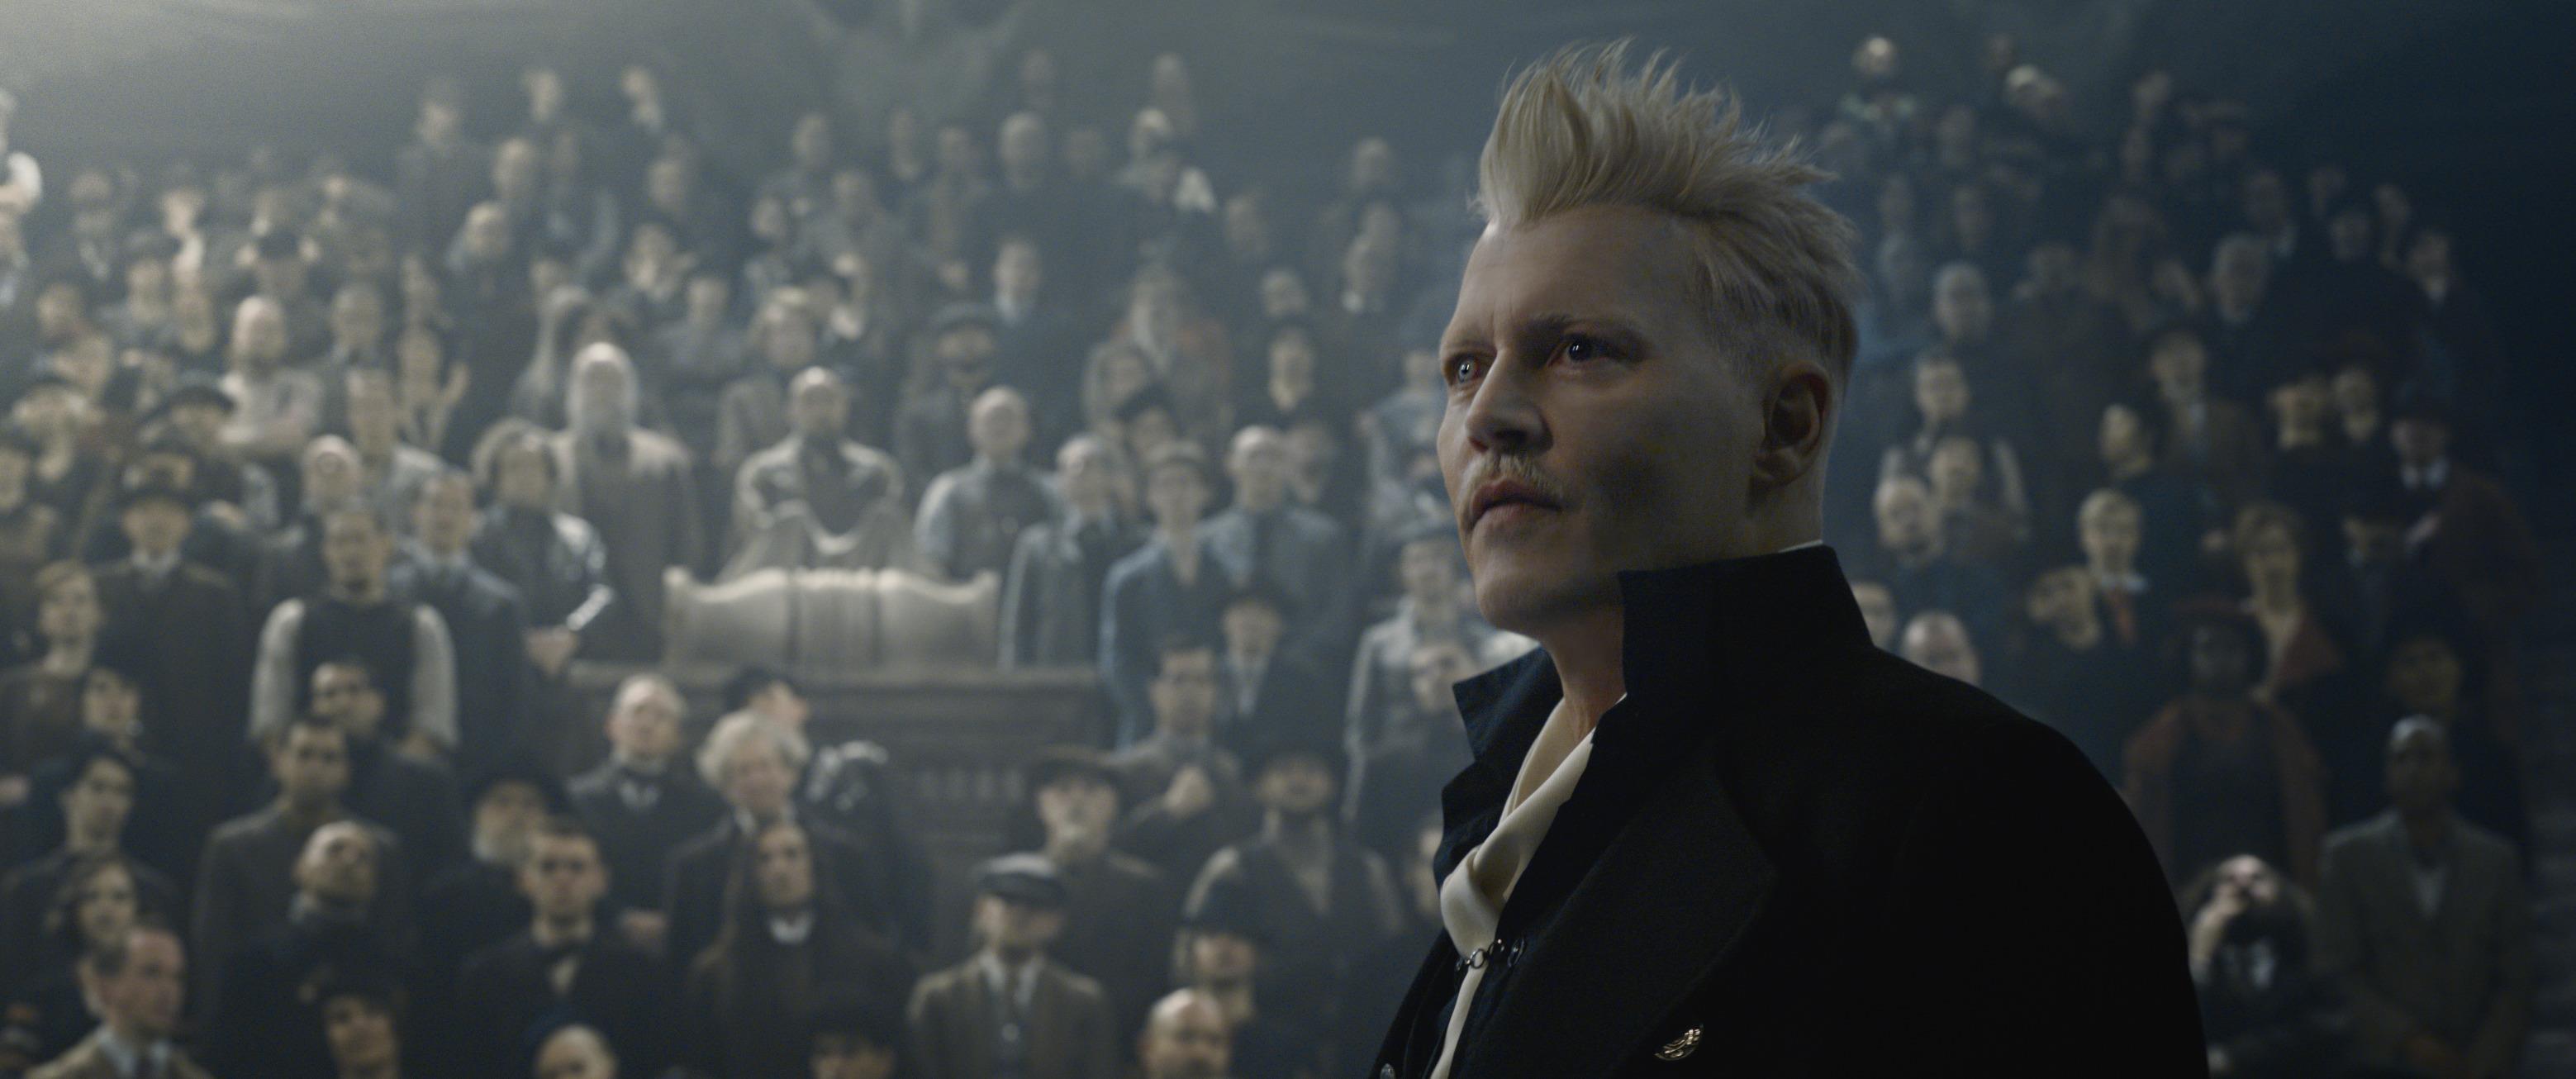 Potterish :: Harry Potter, o Ickabog, Animais Fantásticos e JK Rowling Os Crimes de Grindelwald | Por que o filme se passa em Paris?